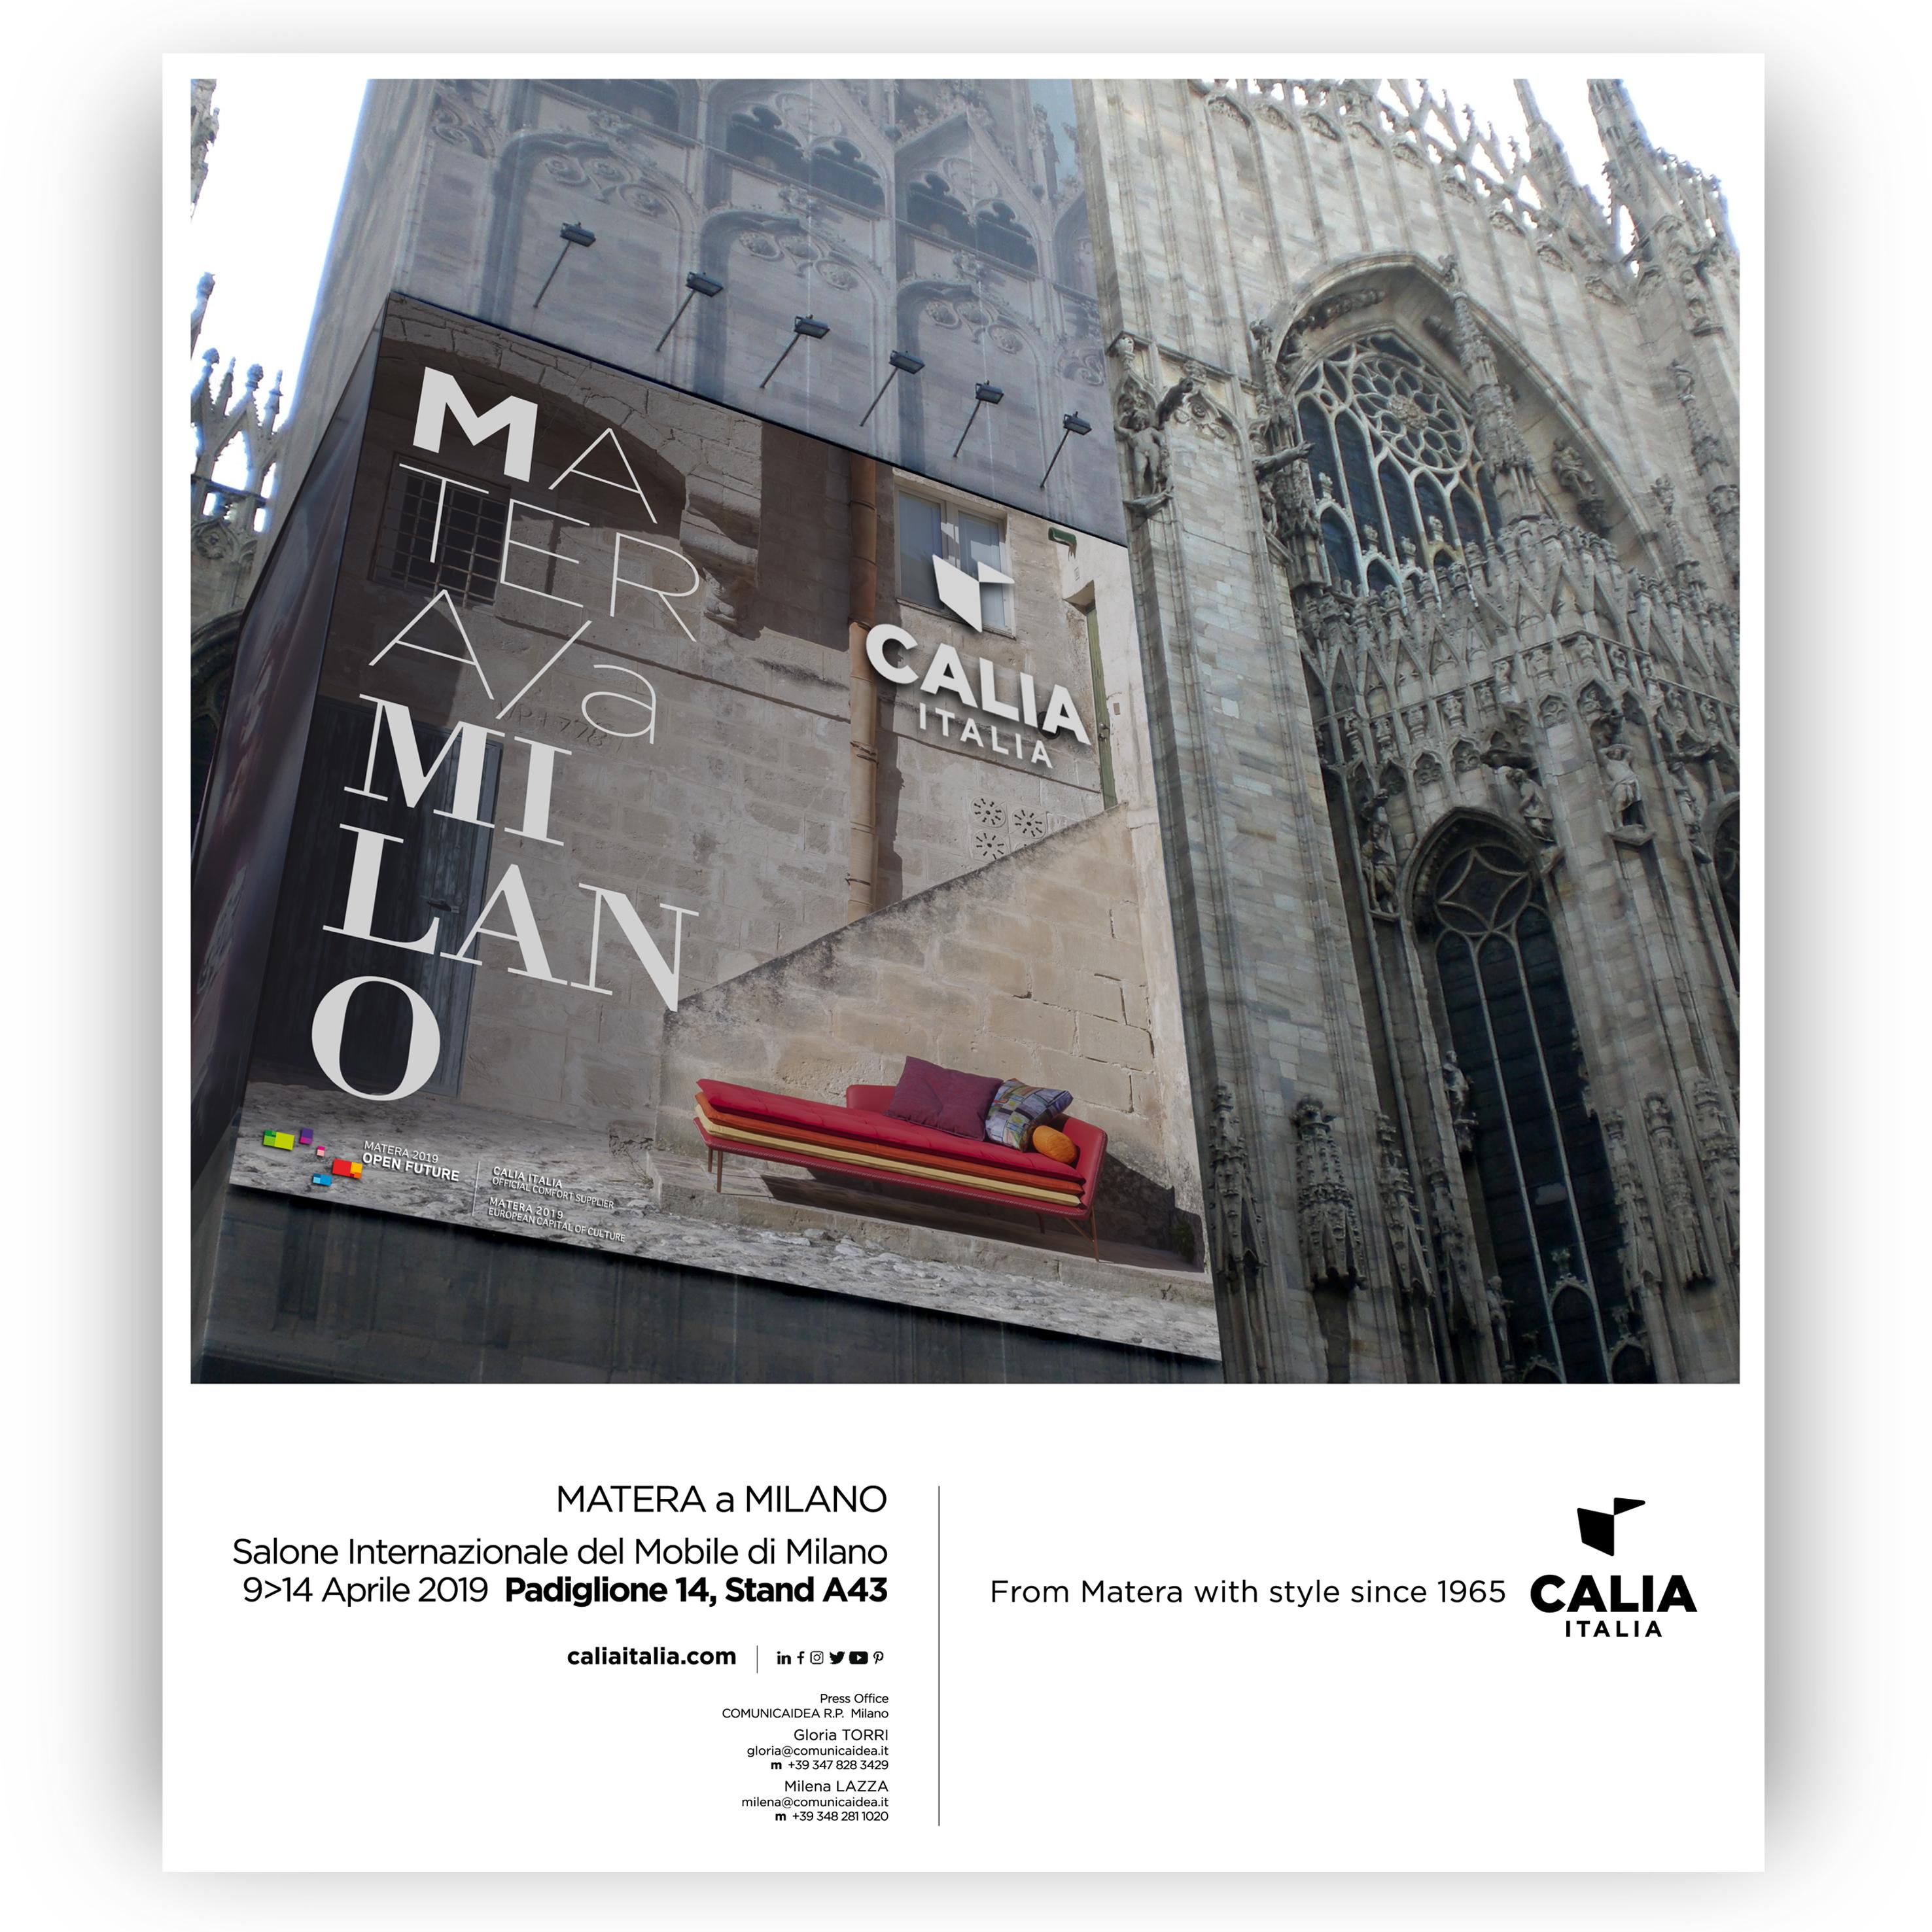 Calia Italia - Matera a Milano